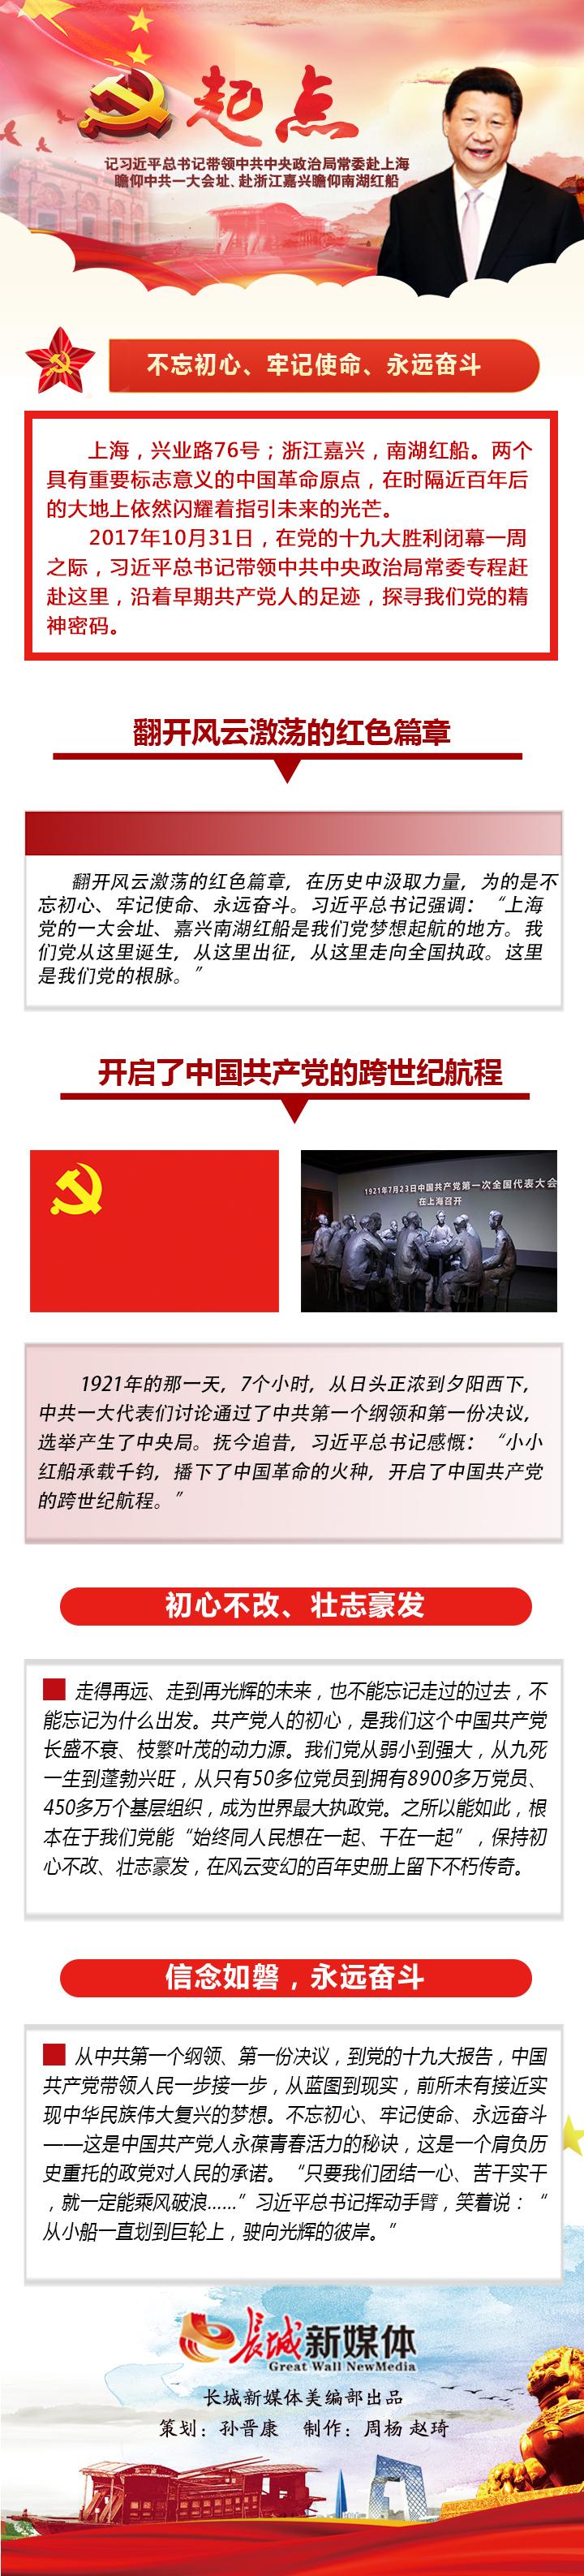 【纪念中国共产党第一次全国代表大会97周年图解】起点――不忘来时路